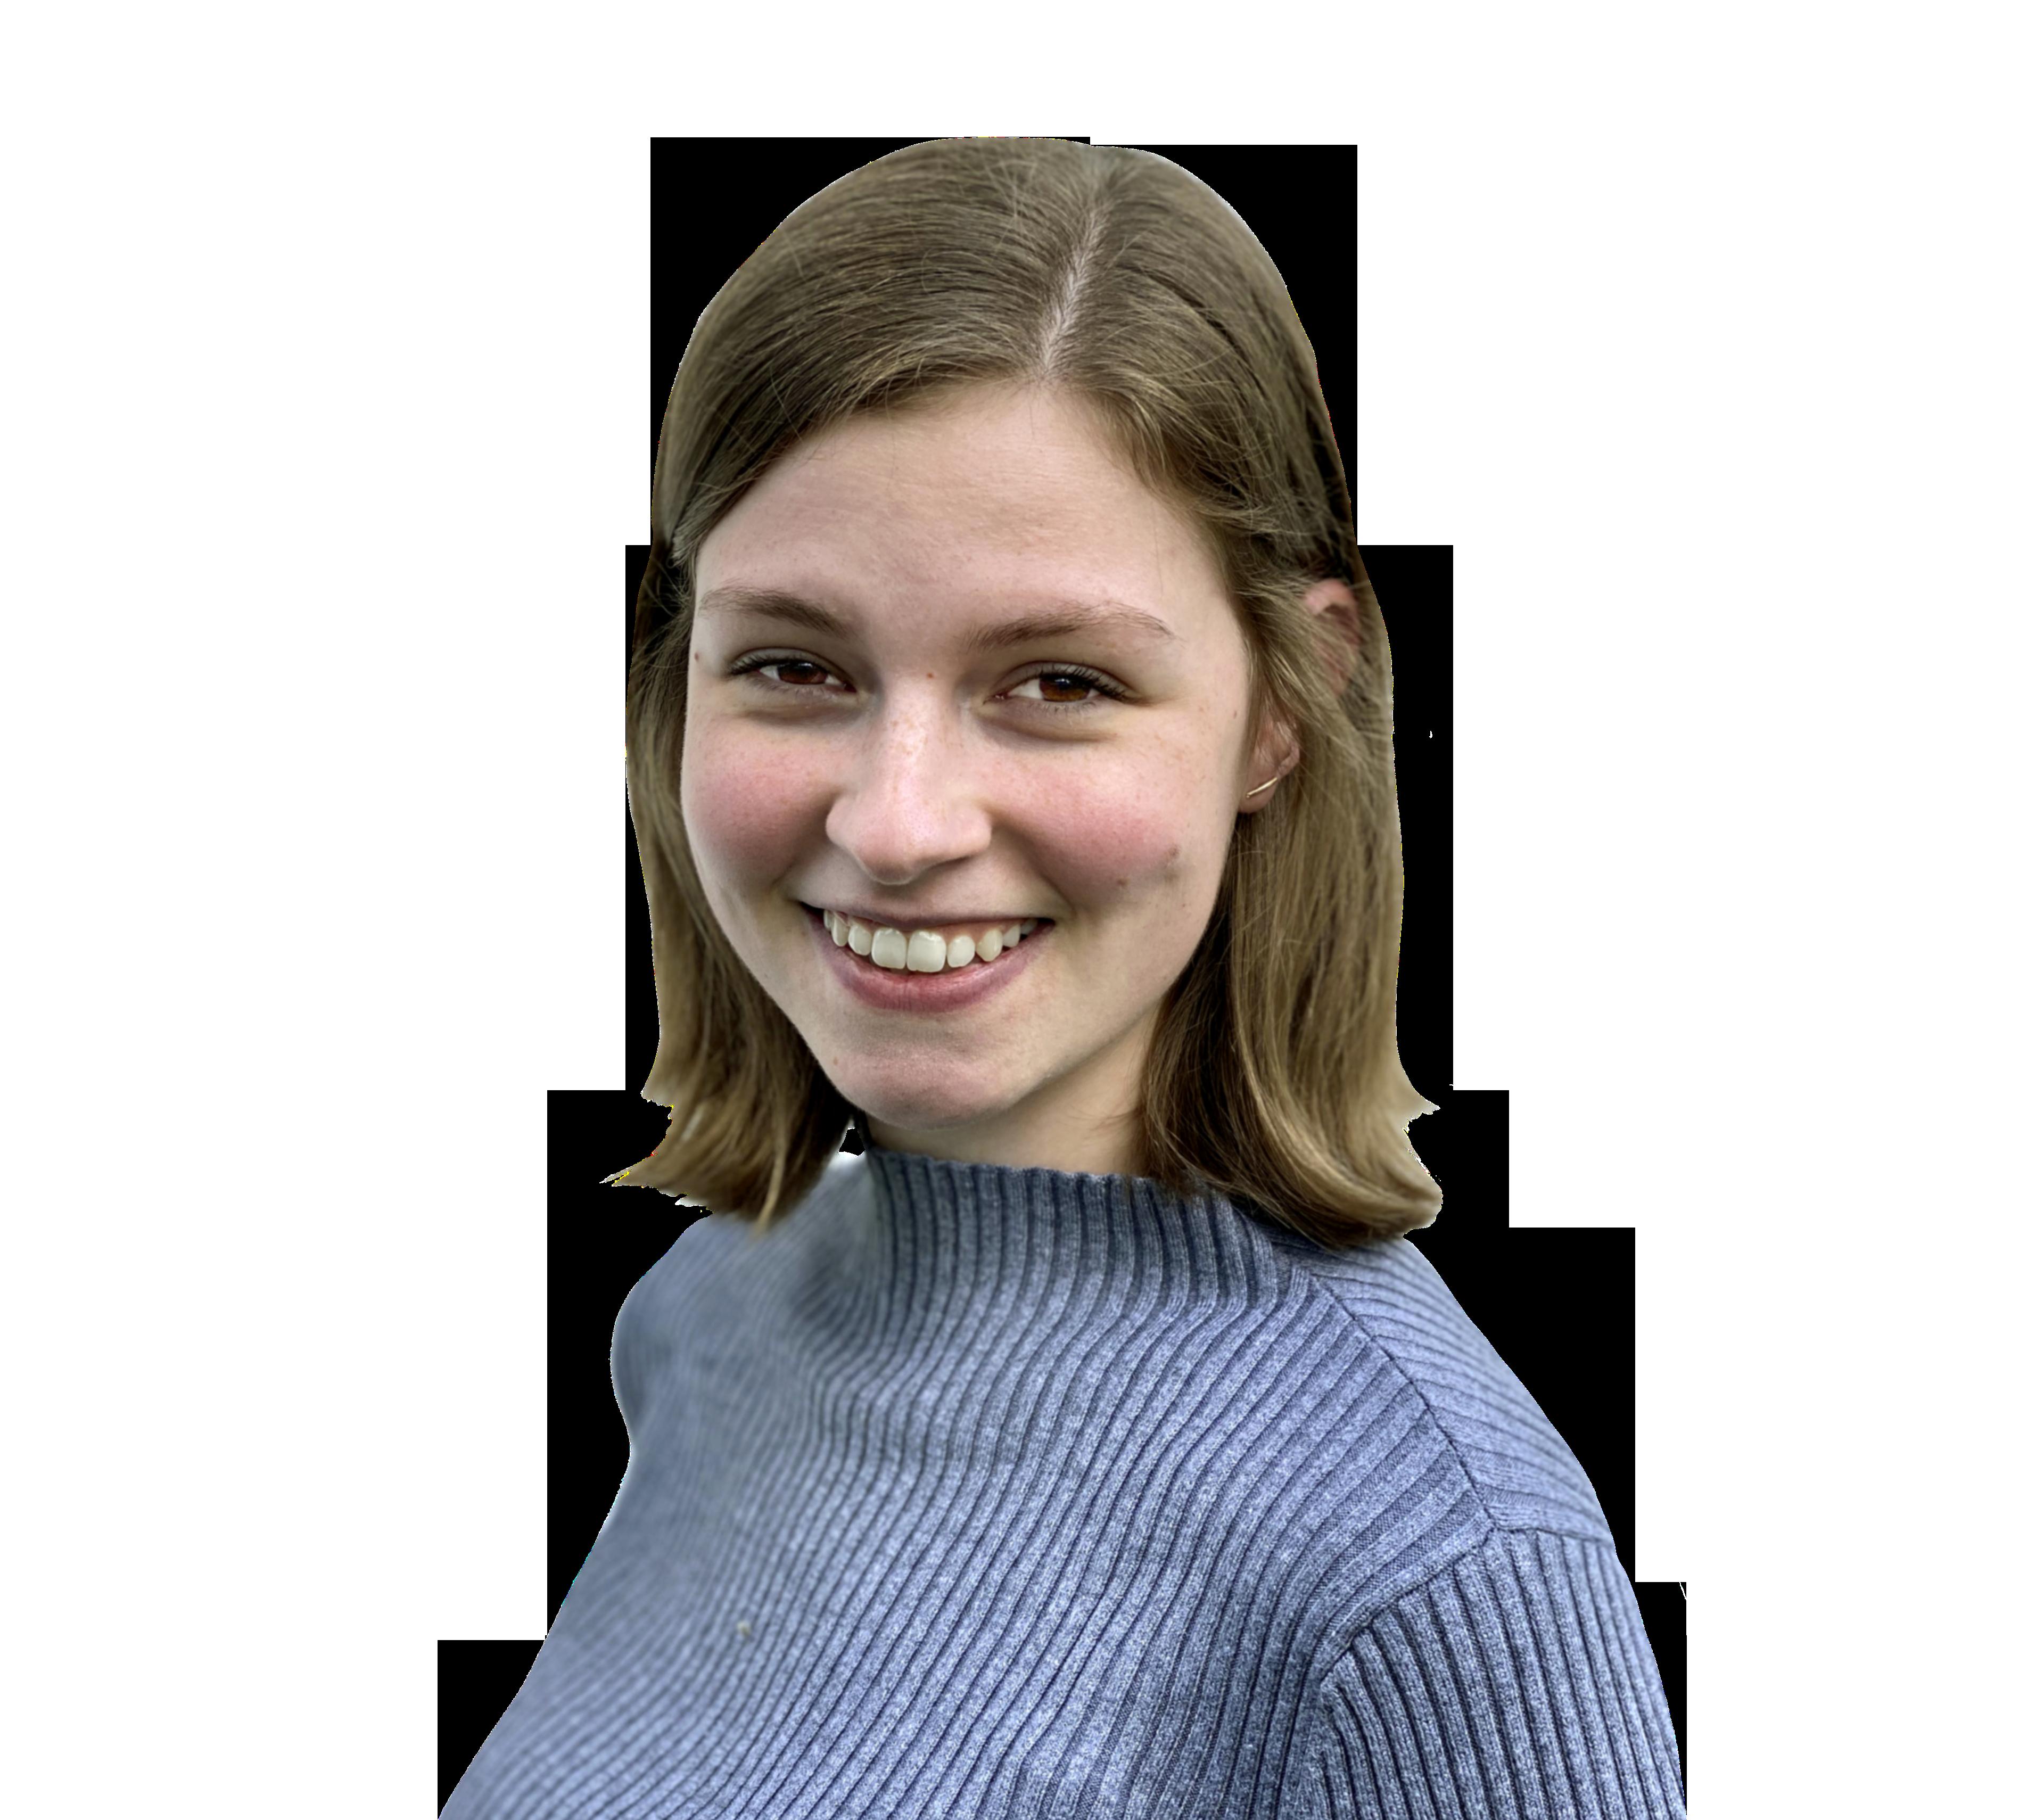 Katie Gaisser